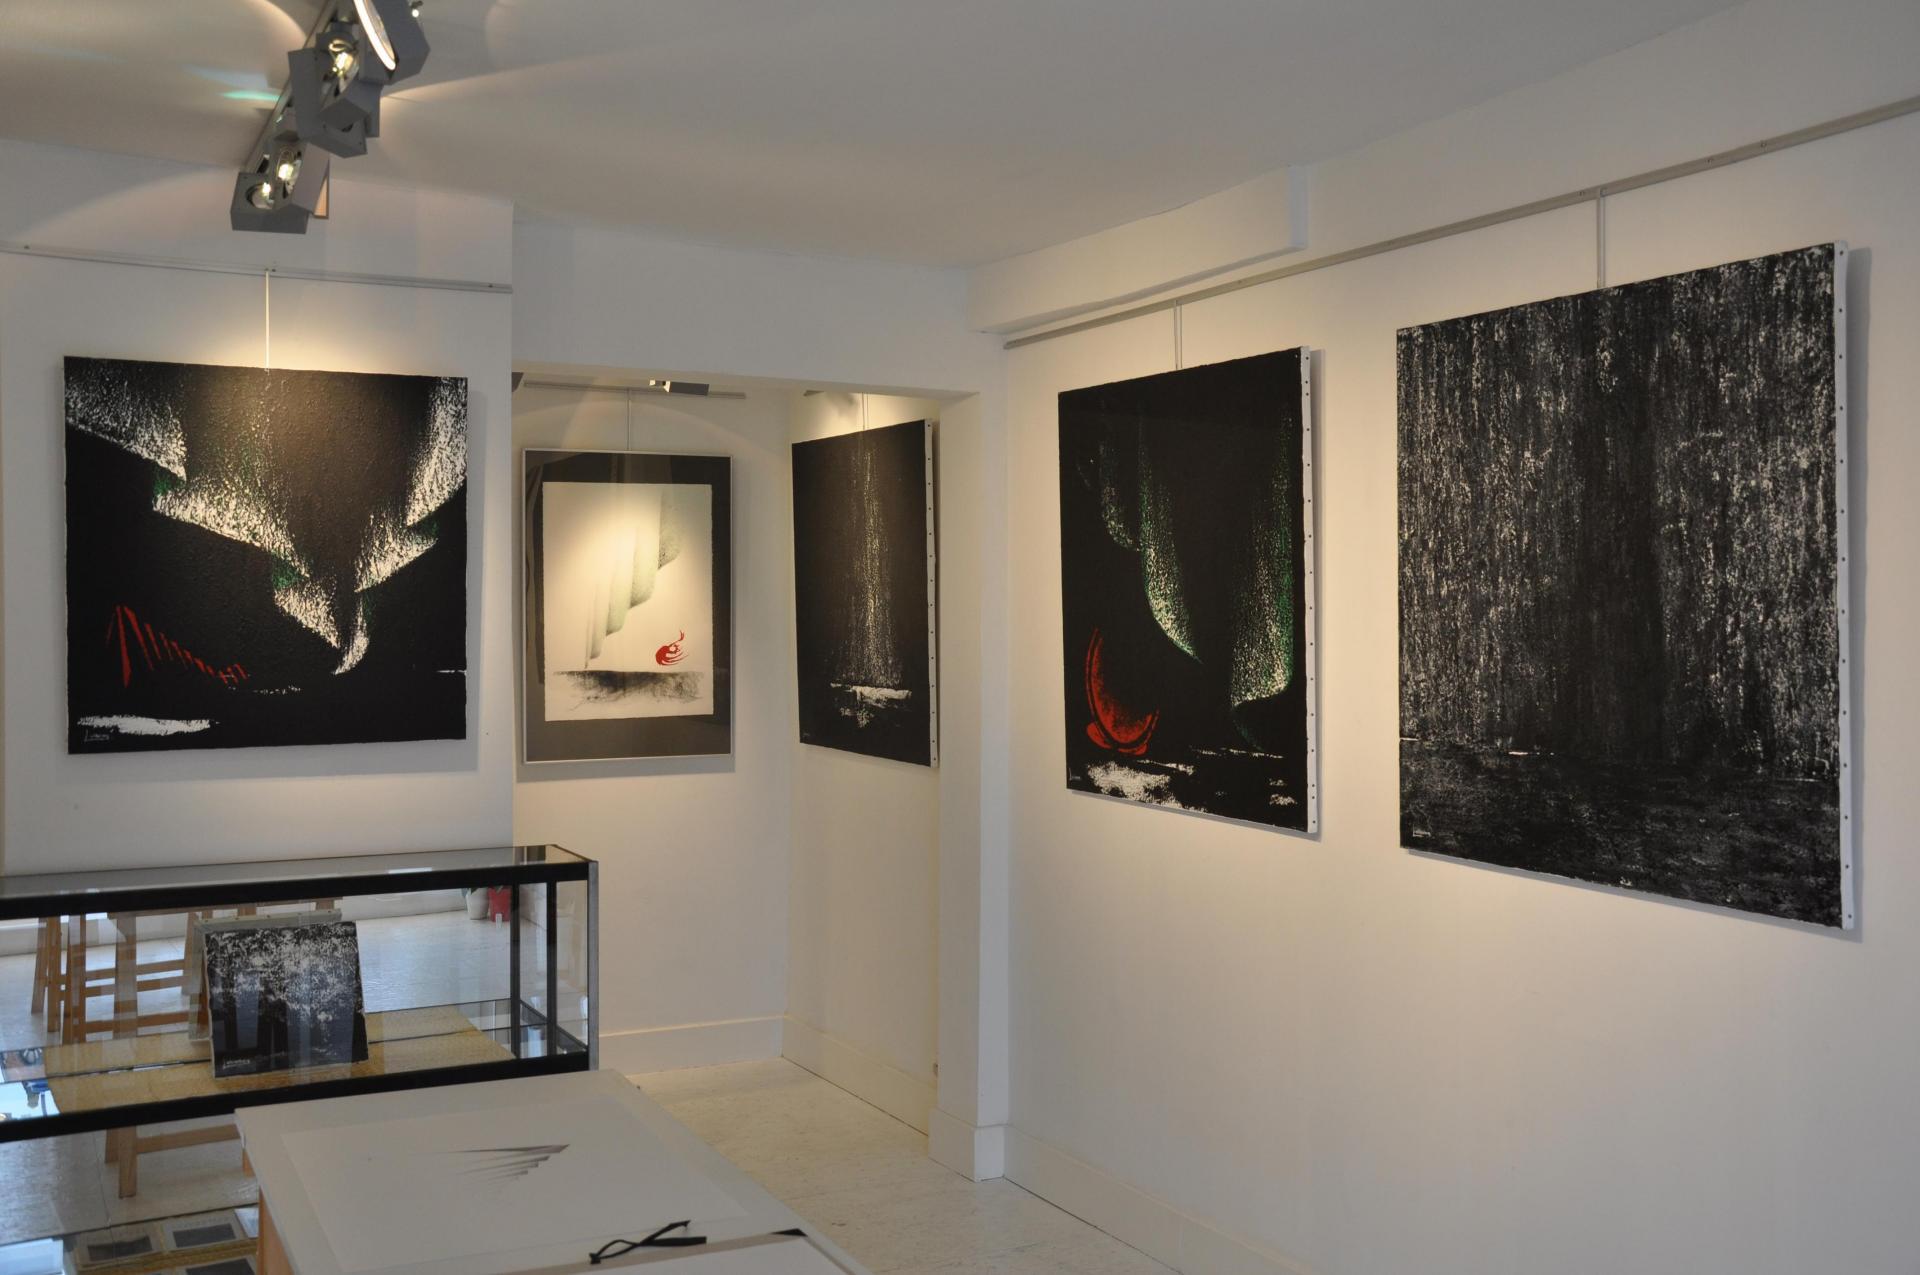 01 die malerin verena von lichtenberg und floris jespers in der galerie utopian art in brugge und florenville orval en belgien